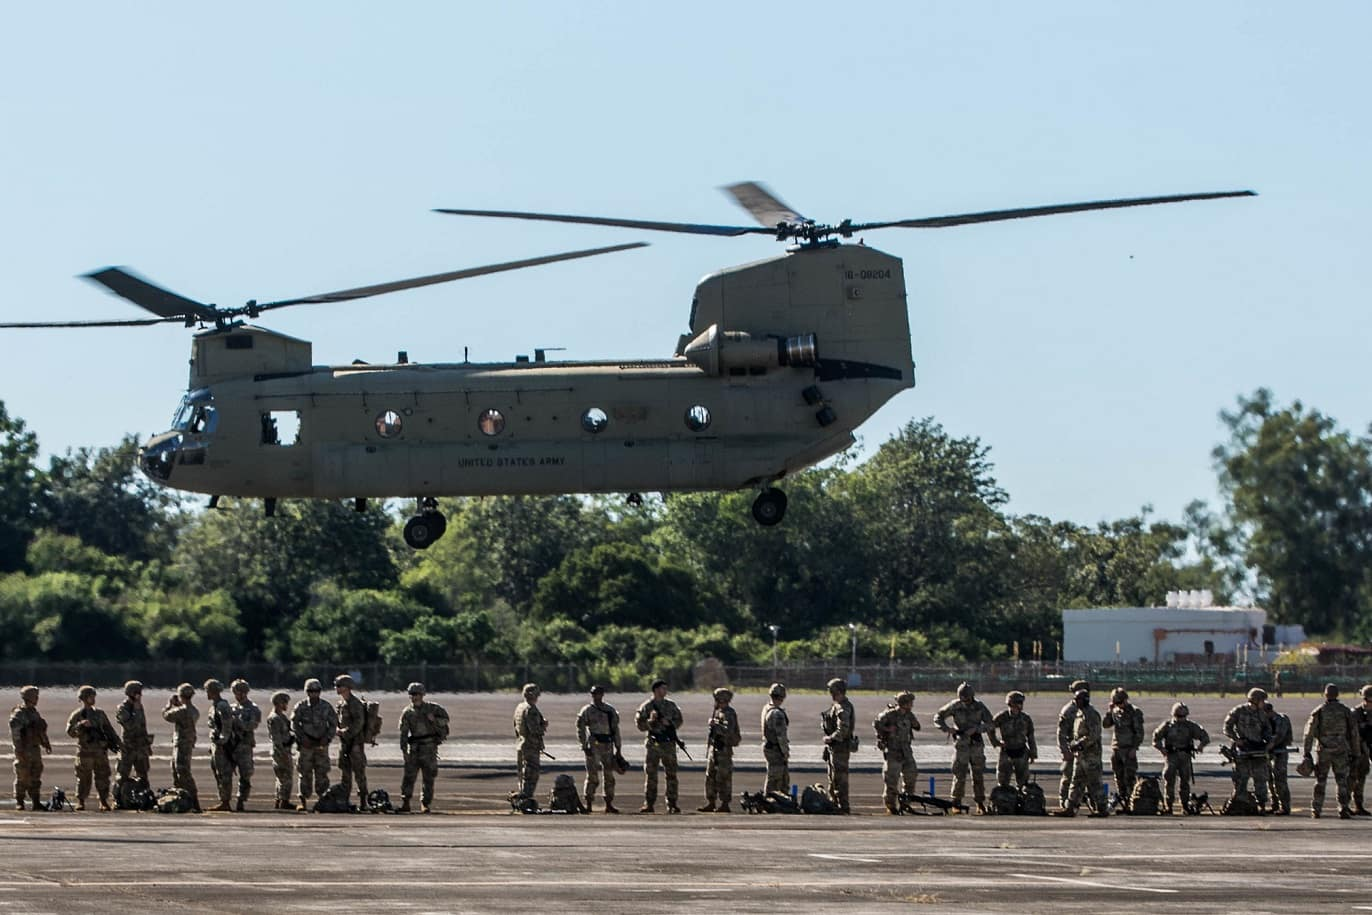 Голямо учение на американската армия с тактически въздушен десант